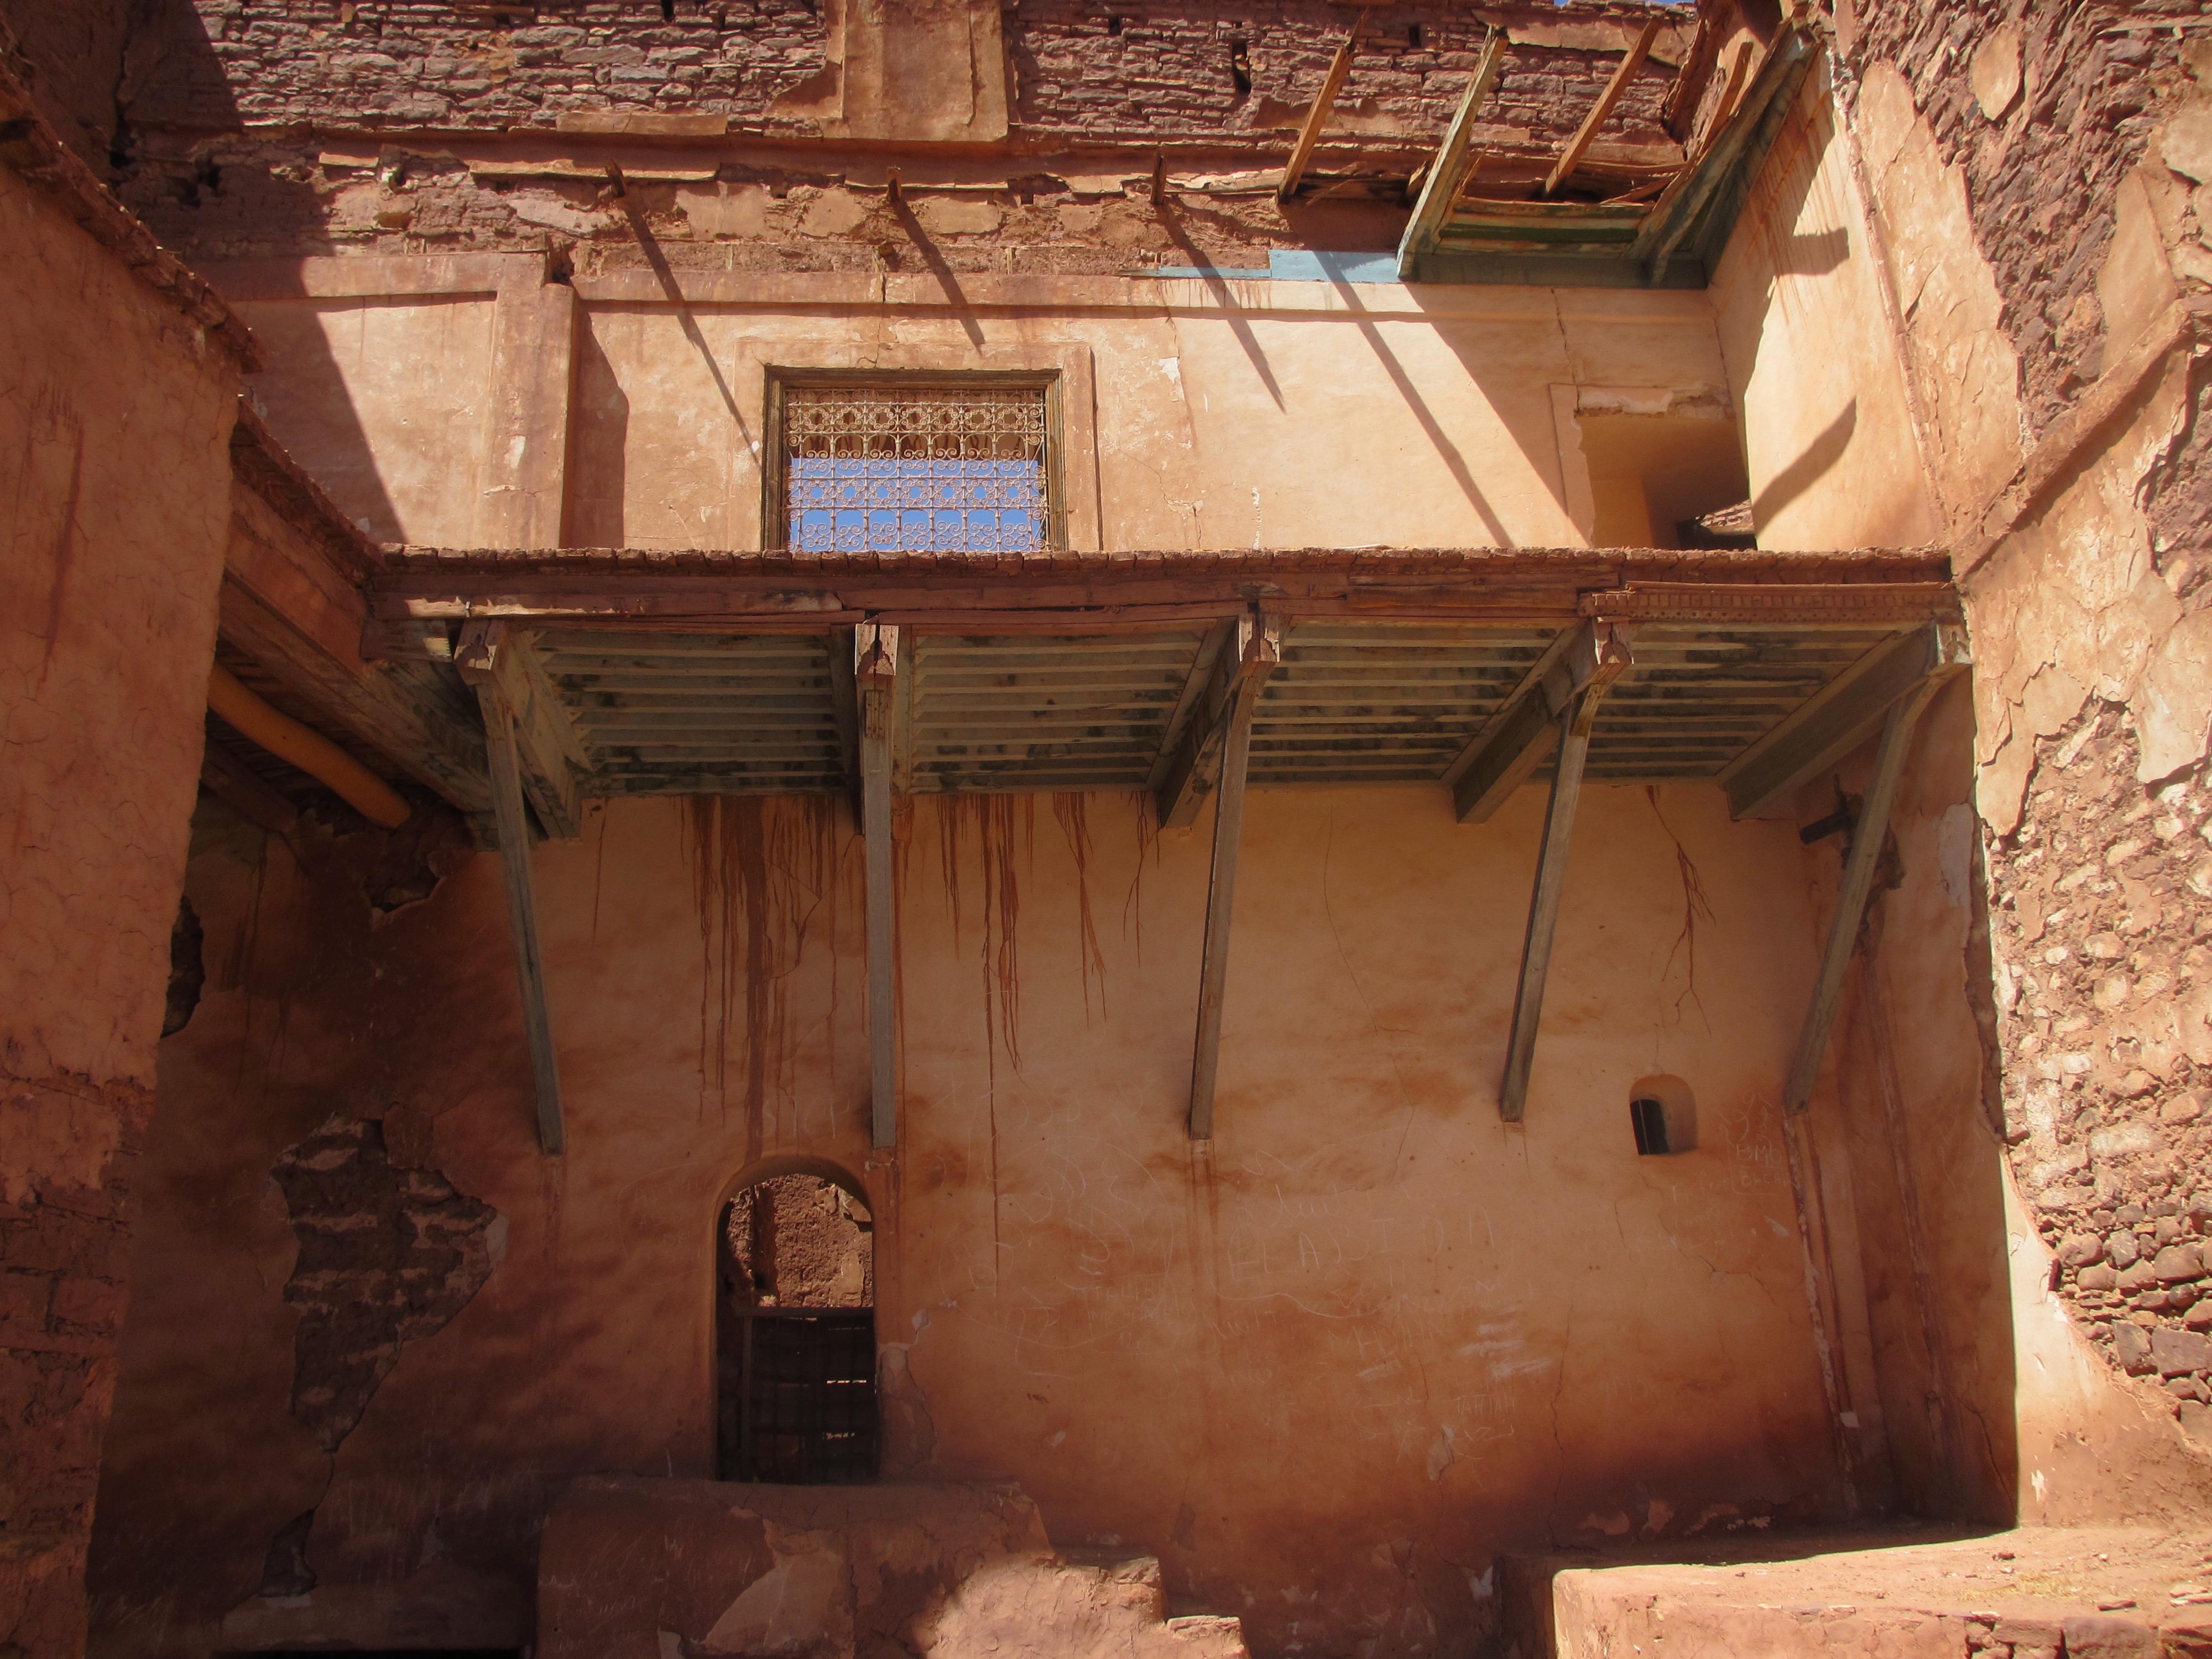 Telouet, Morocco